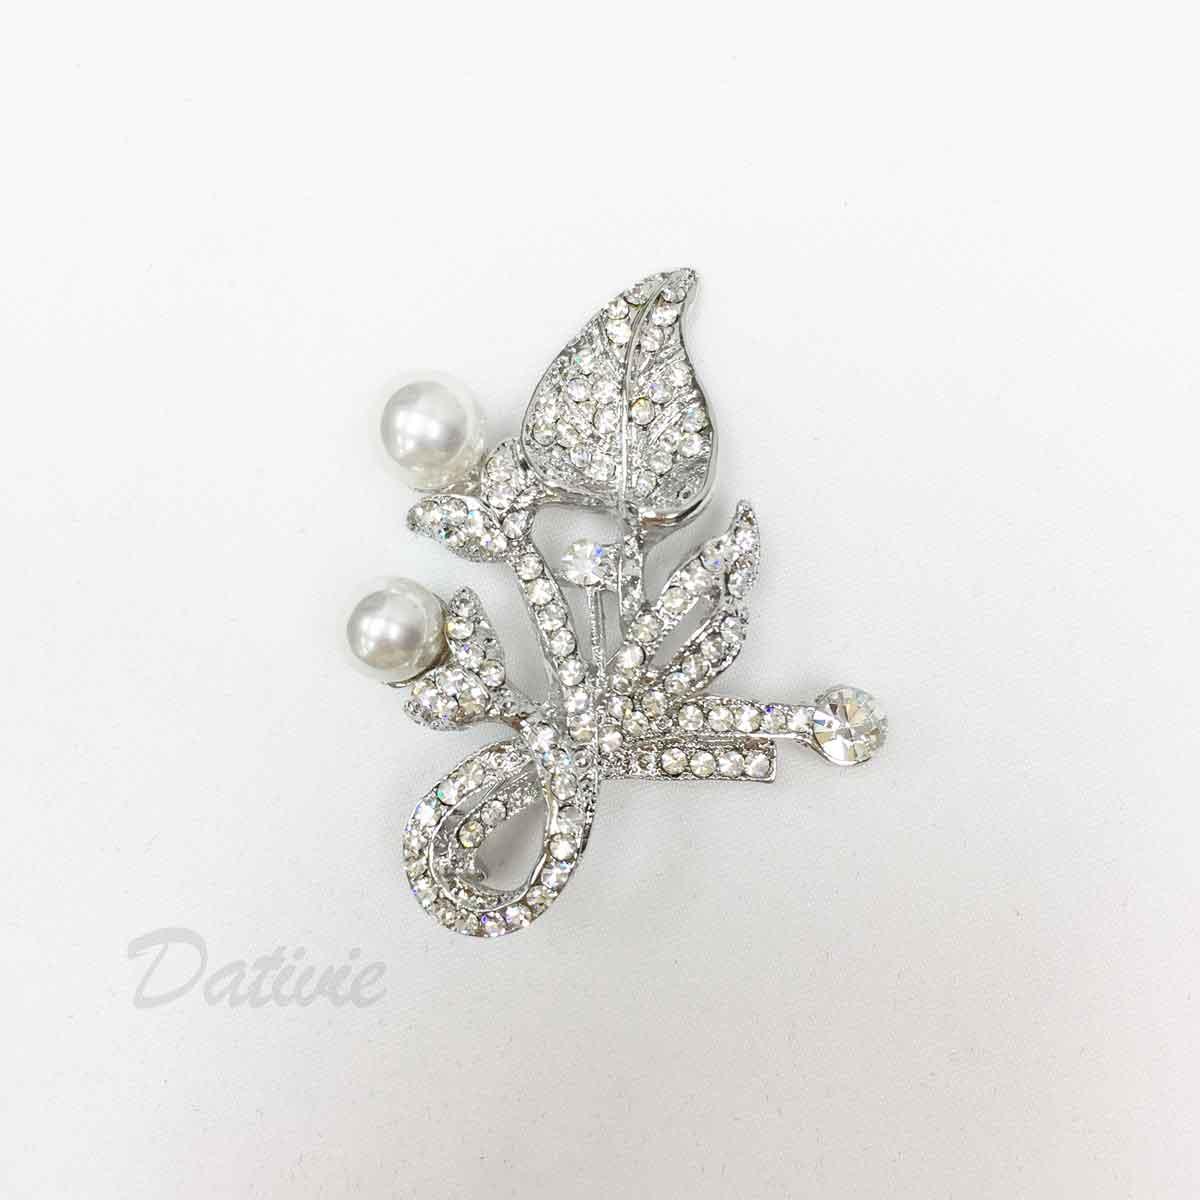 葉片 珍珠 花朵 緞帶 水鑽 不對稱 單個 胸針